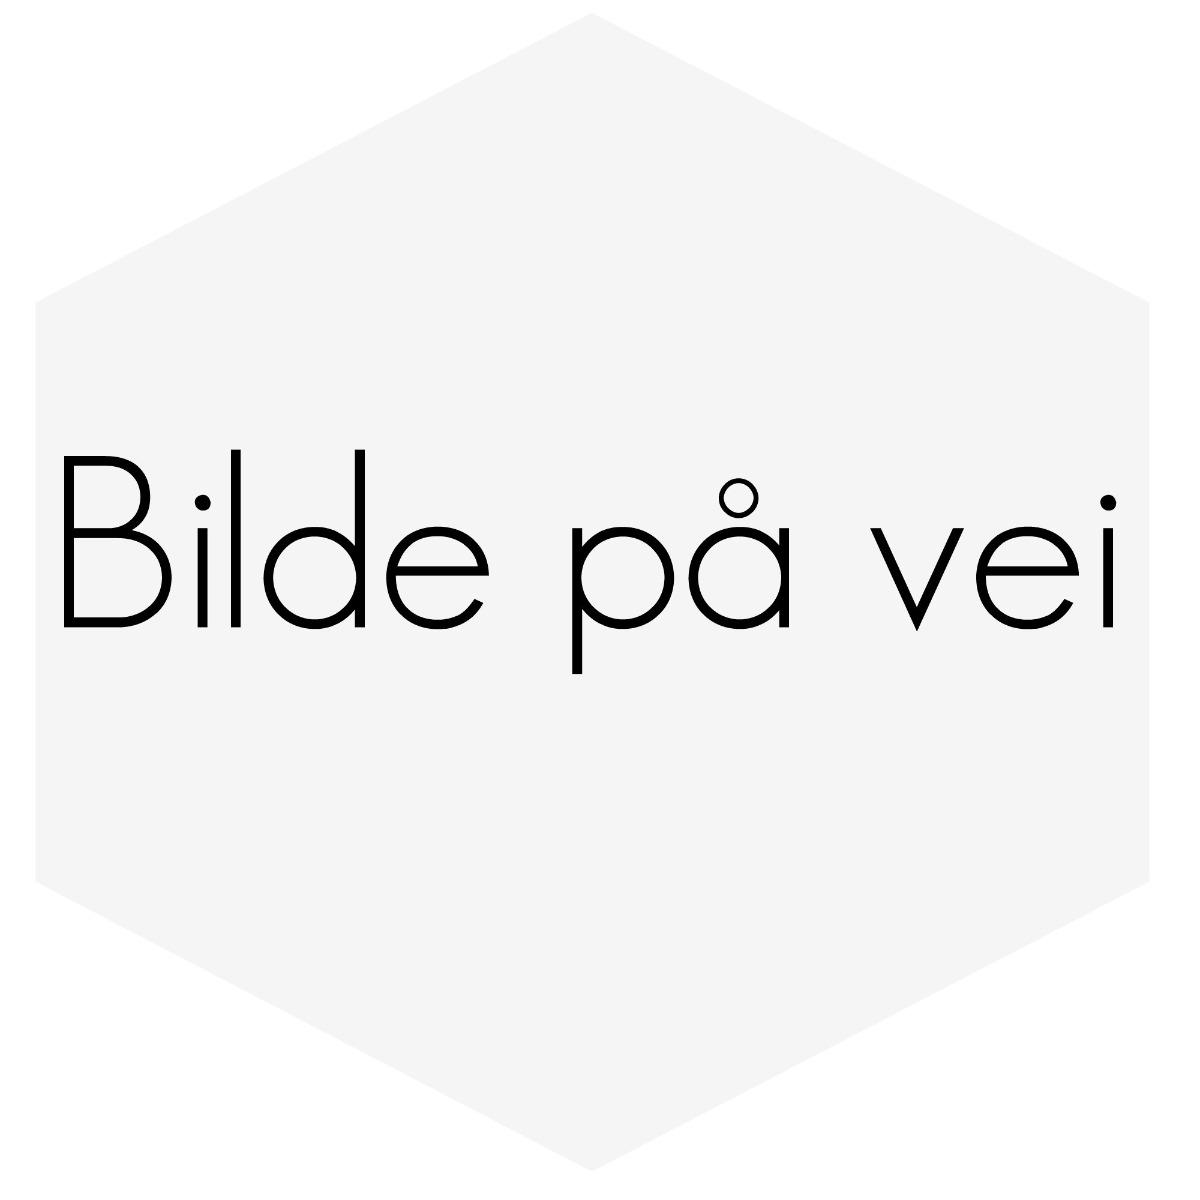 FILTER KUPE CARBON/KULL VOLVO V50,C70II m.fl se info: